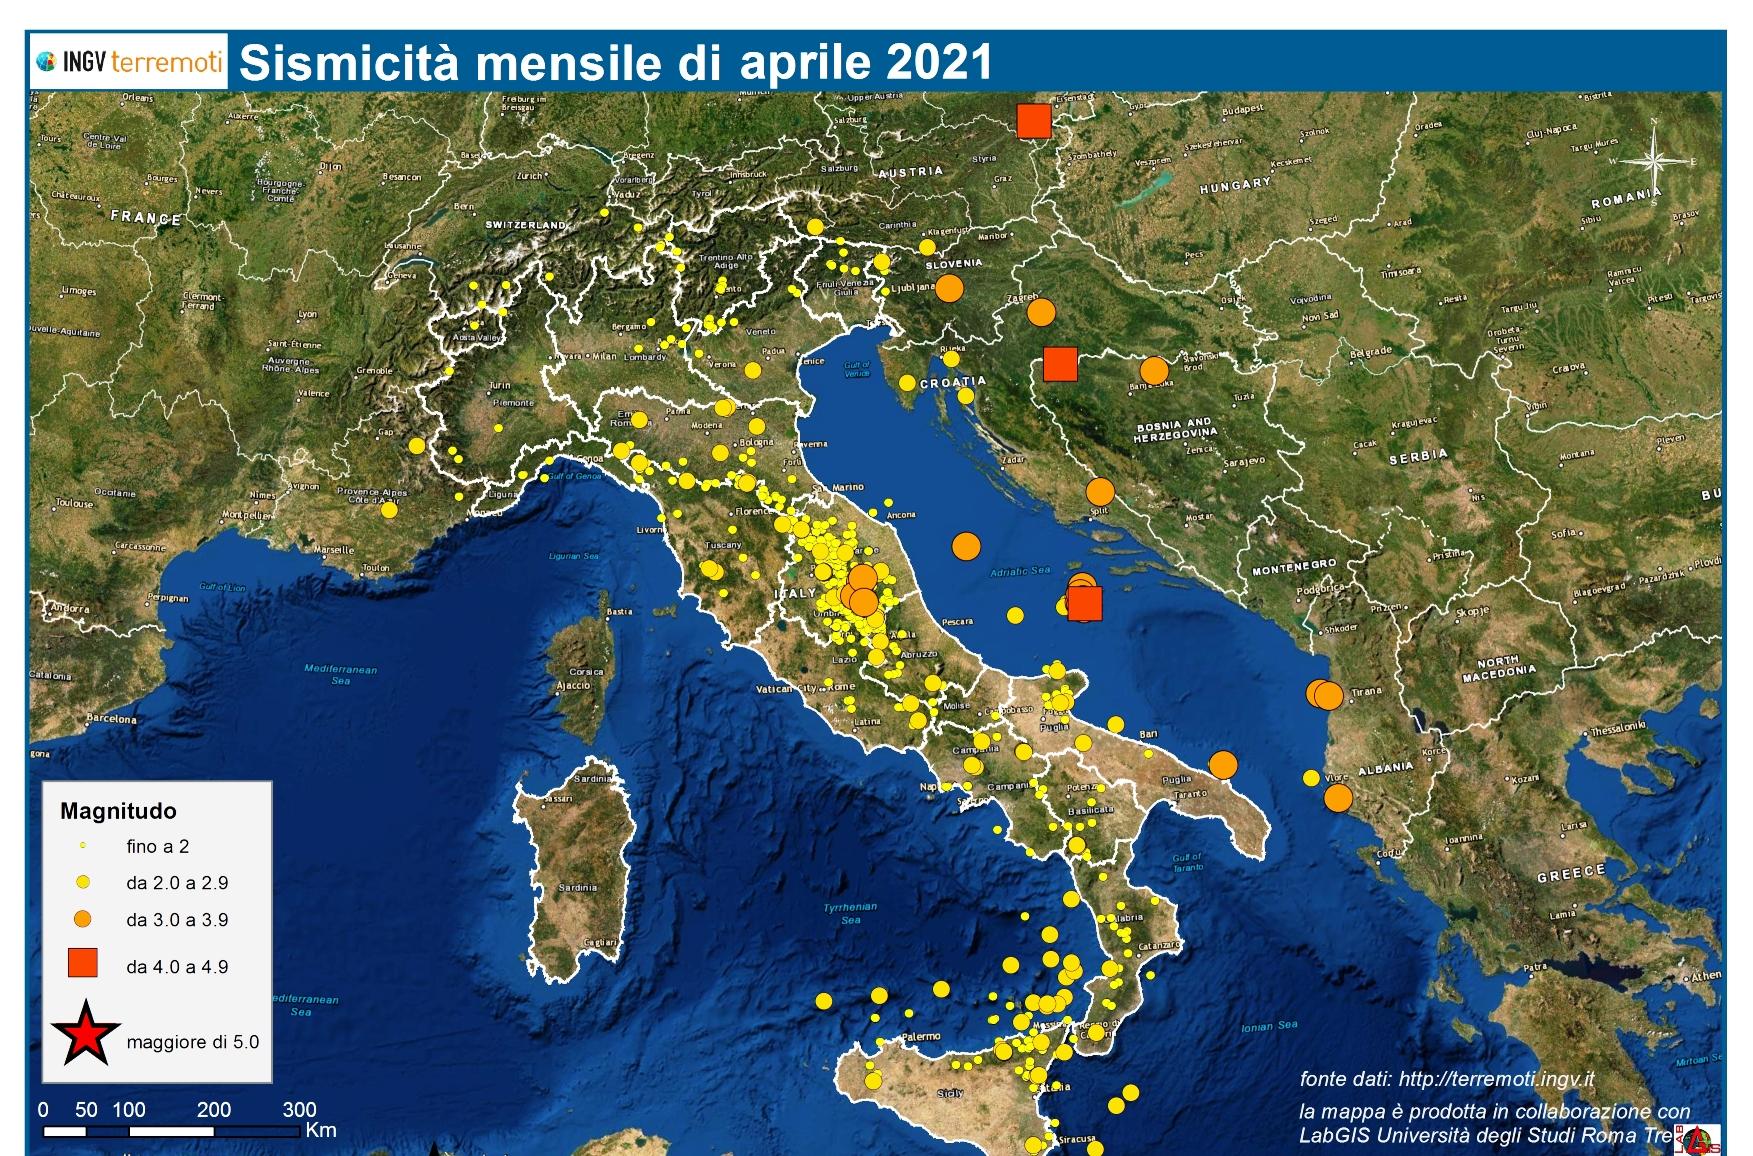 Le mappe mensili della sismicità, aprile 2021